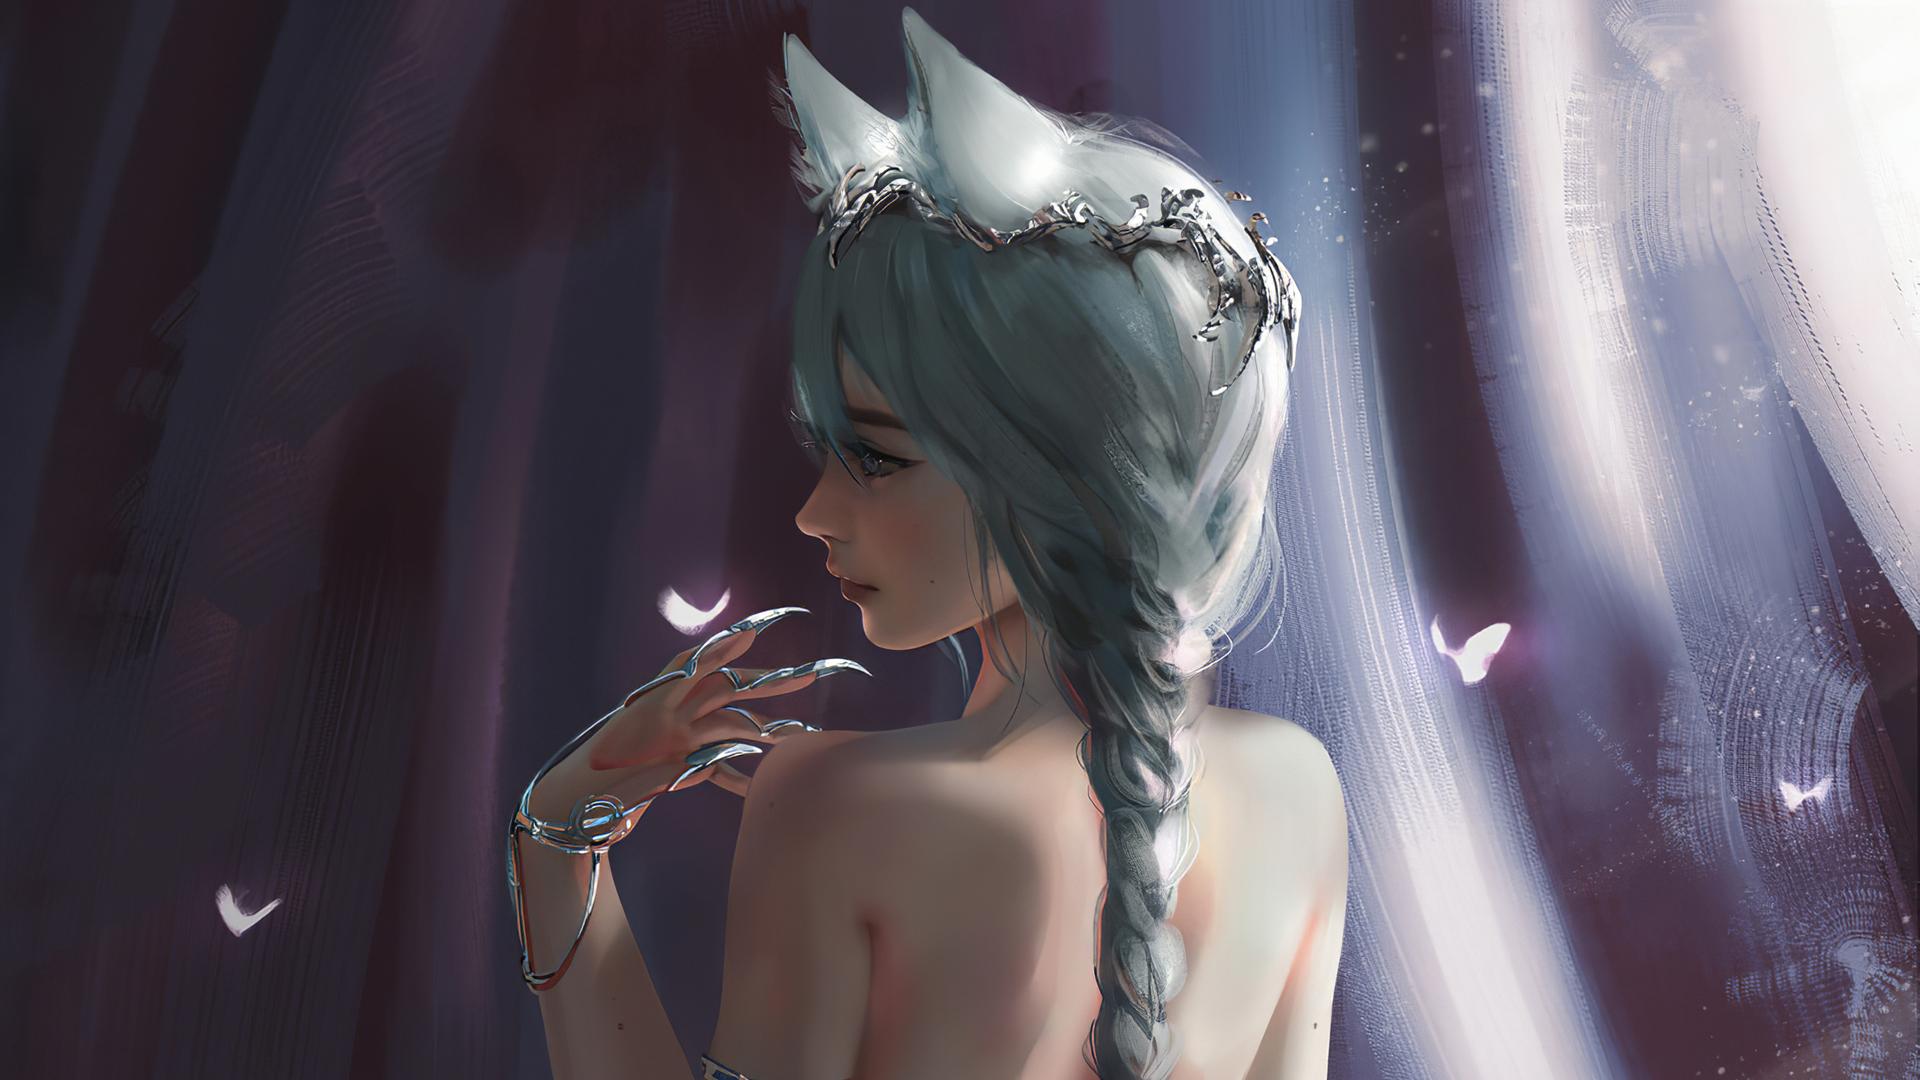 少女兽耳 长辫子唯美背部动漫高清壁纸